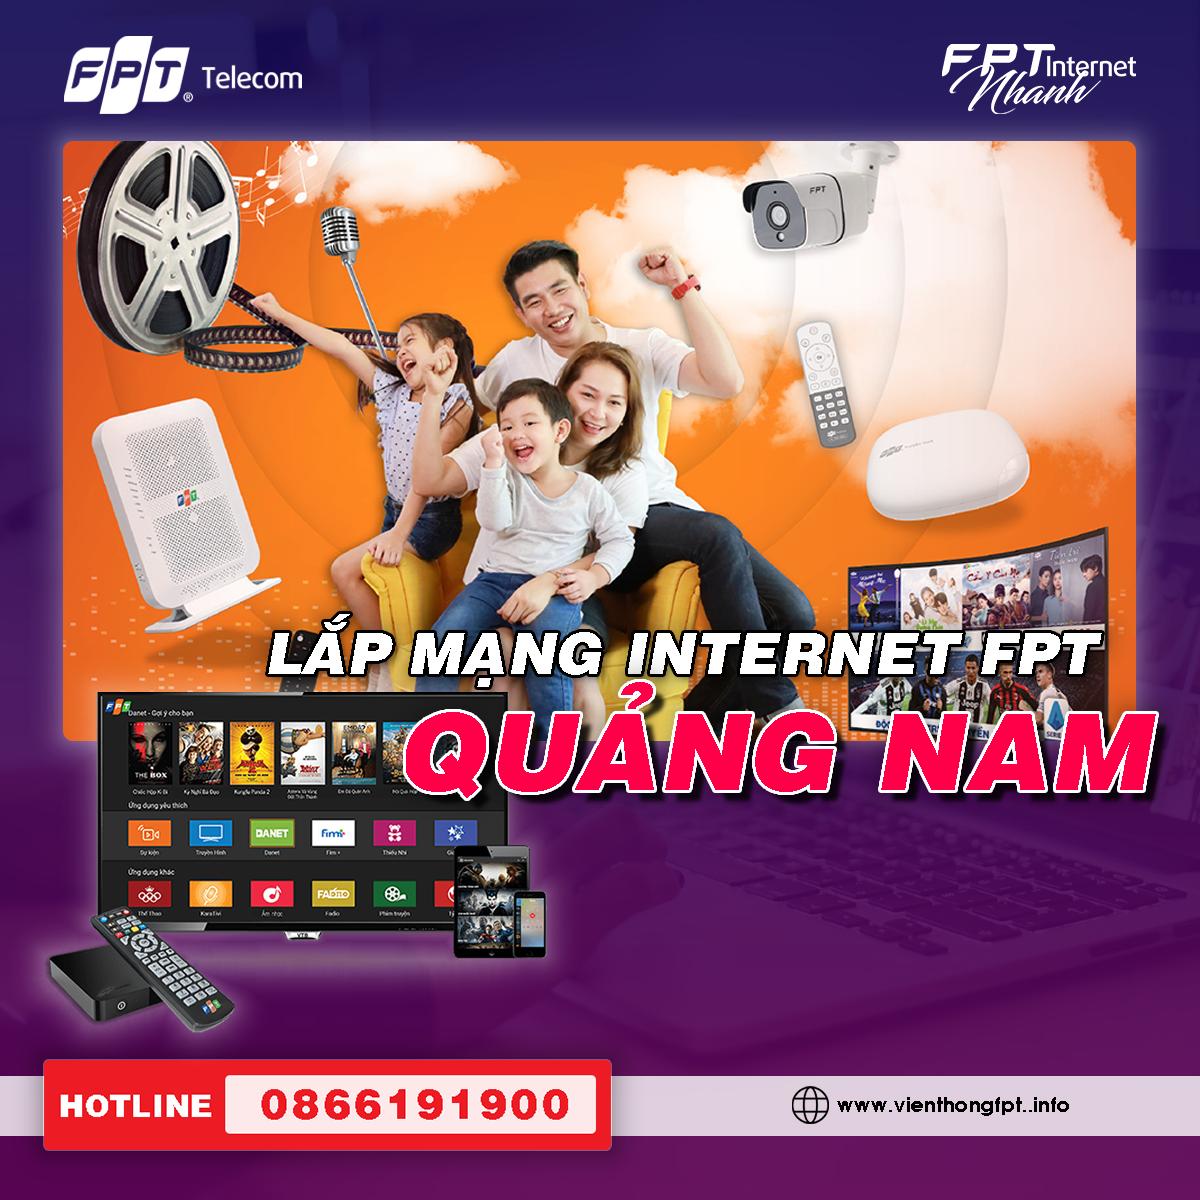 Đăng ký Internet FPT Quảng Nam - Ưu đãi 2 tháng cước - Miễn phí lắp đặt